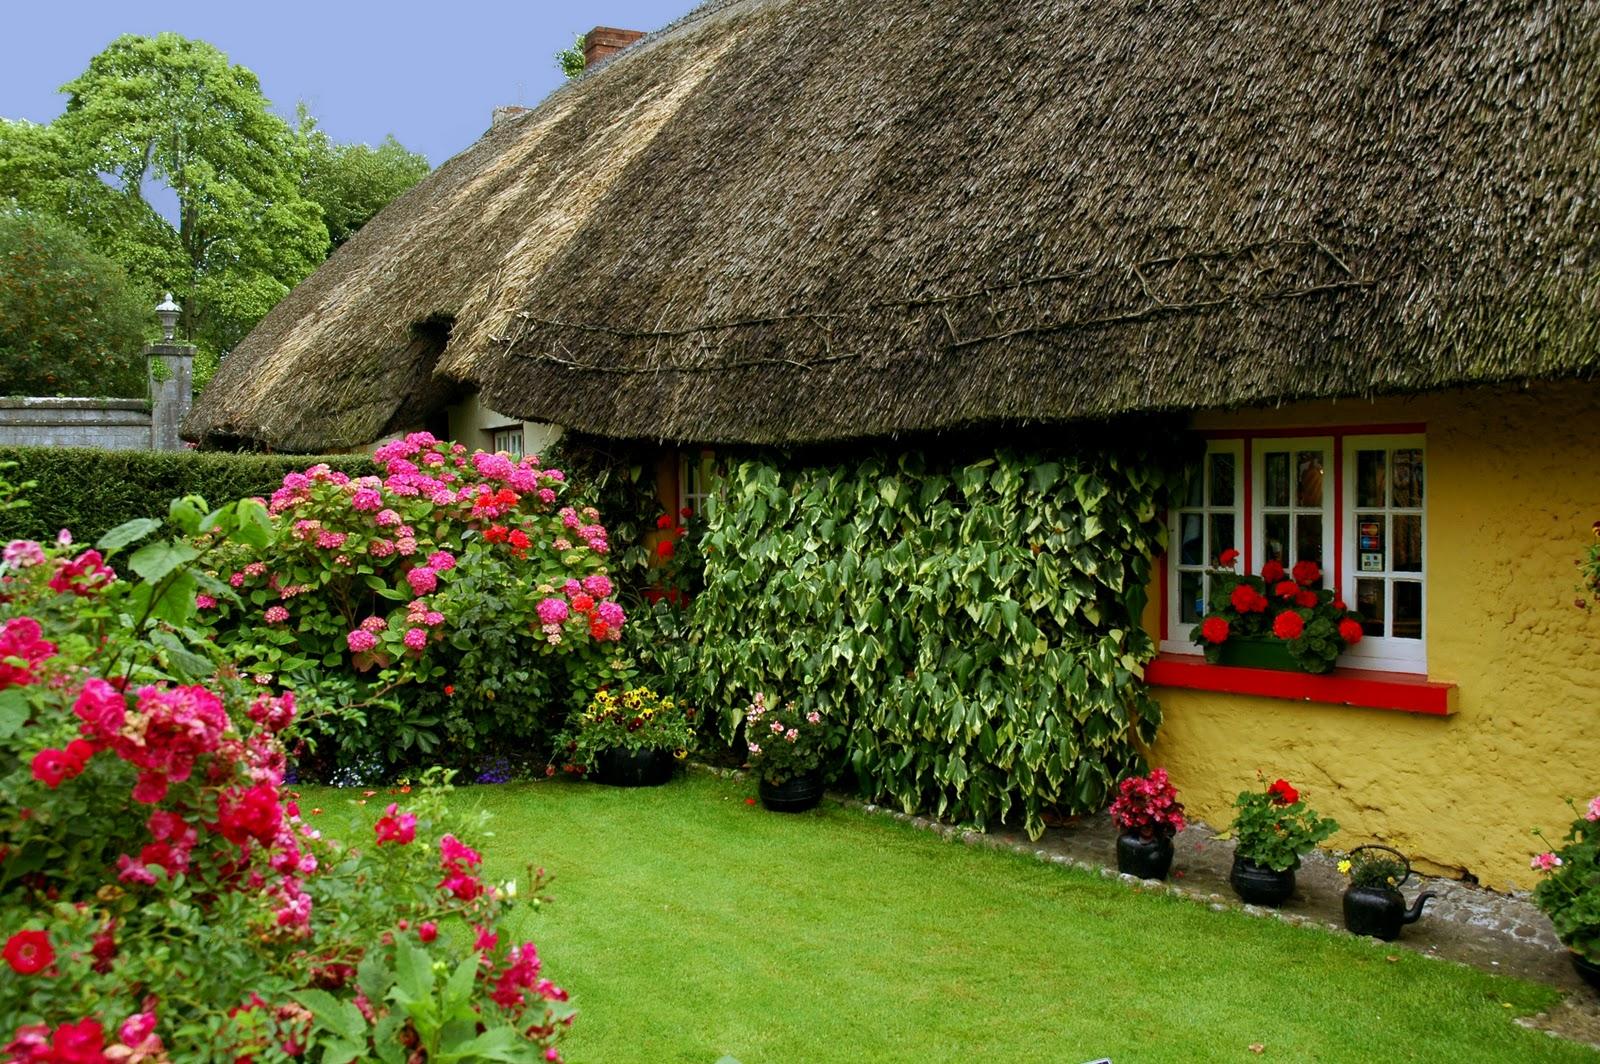 Instantes fotos de sebasti n navarrete irlanda sus casas for Immagini case